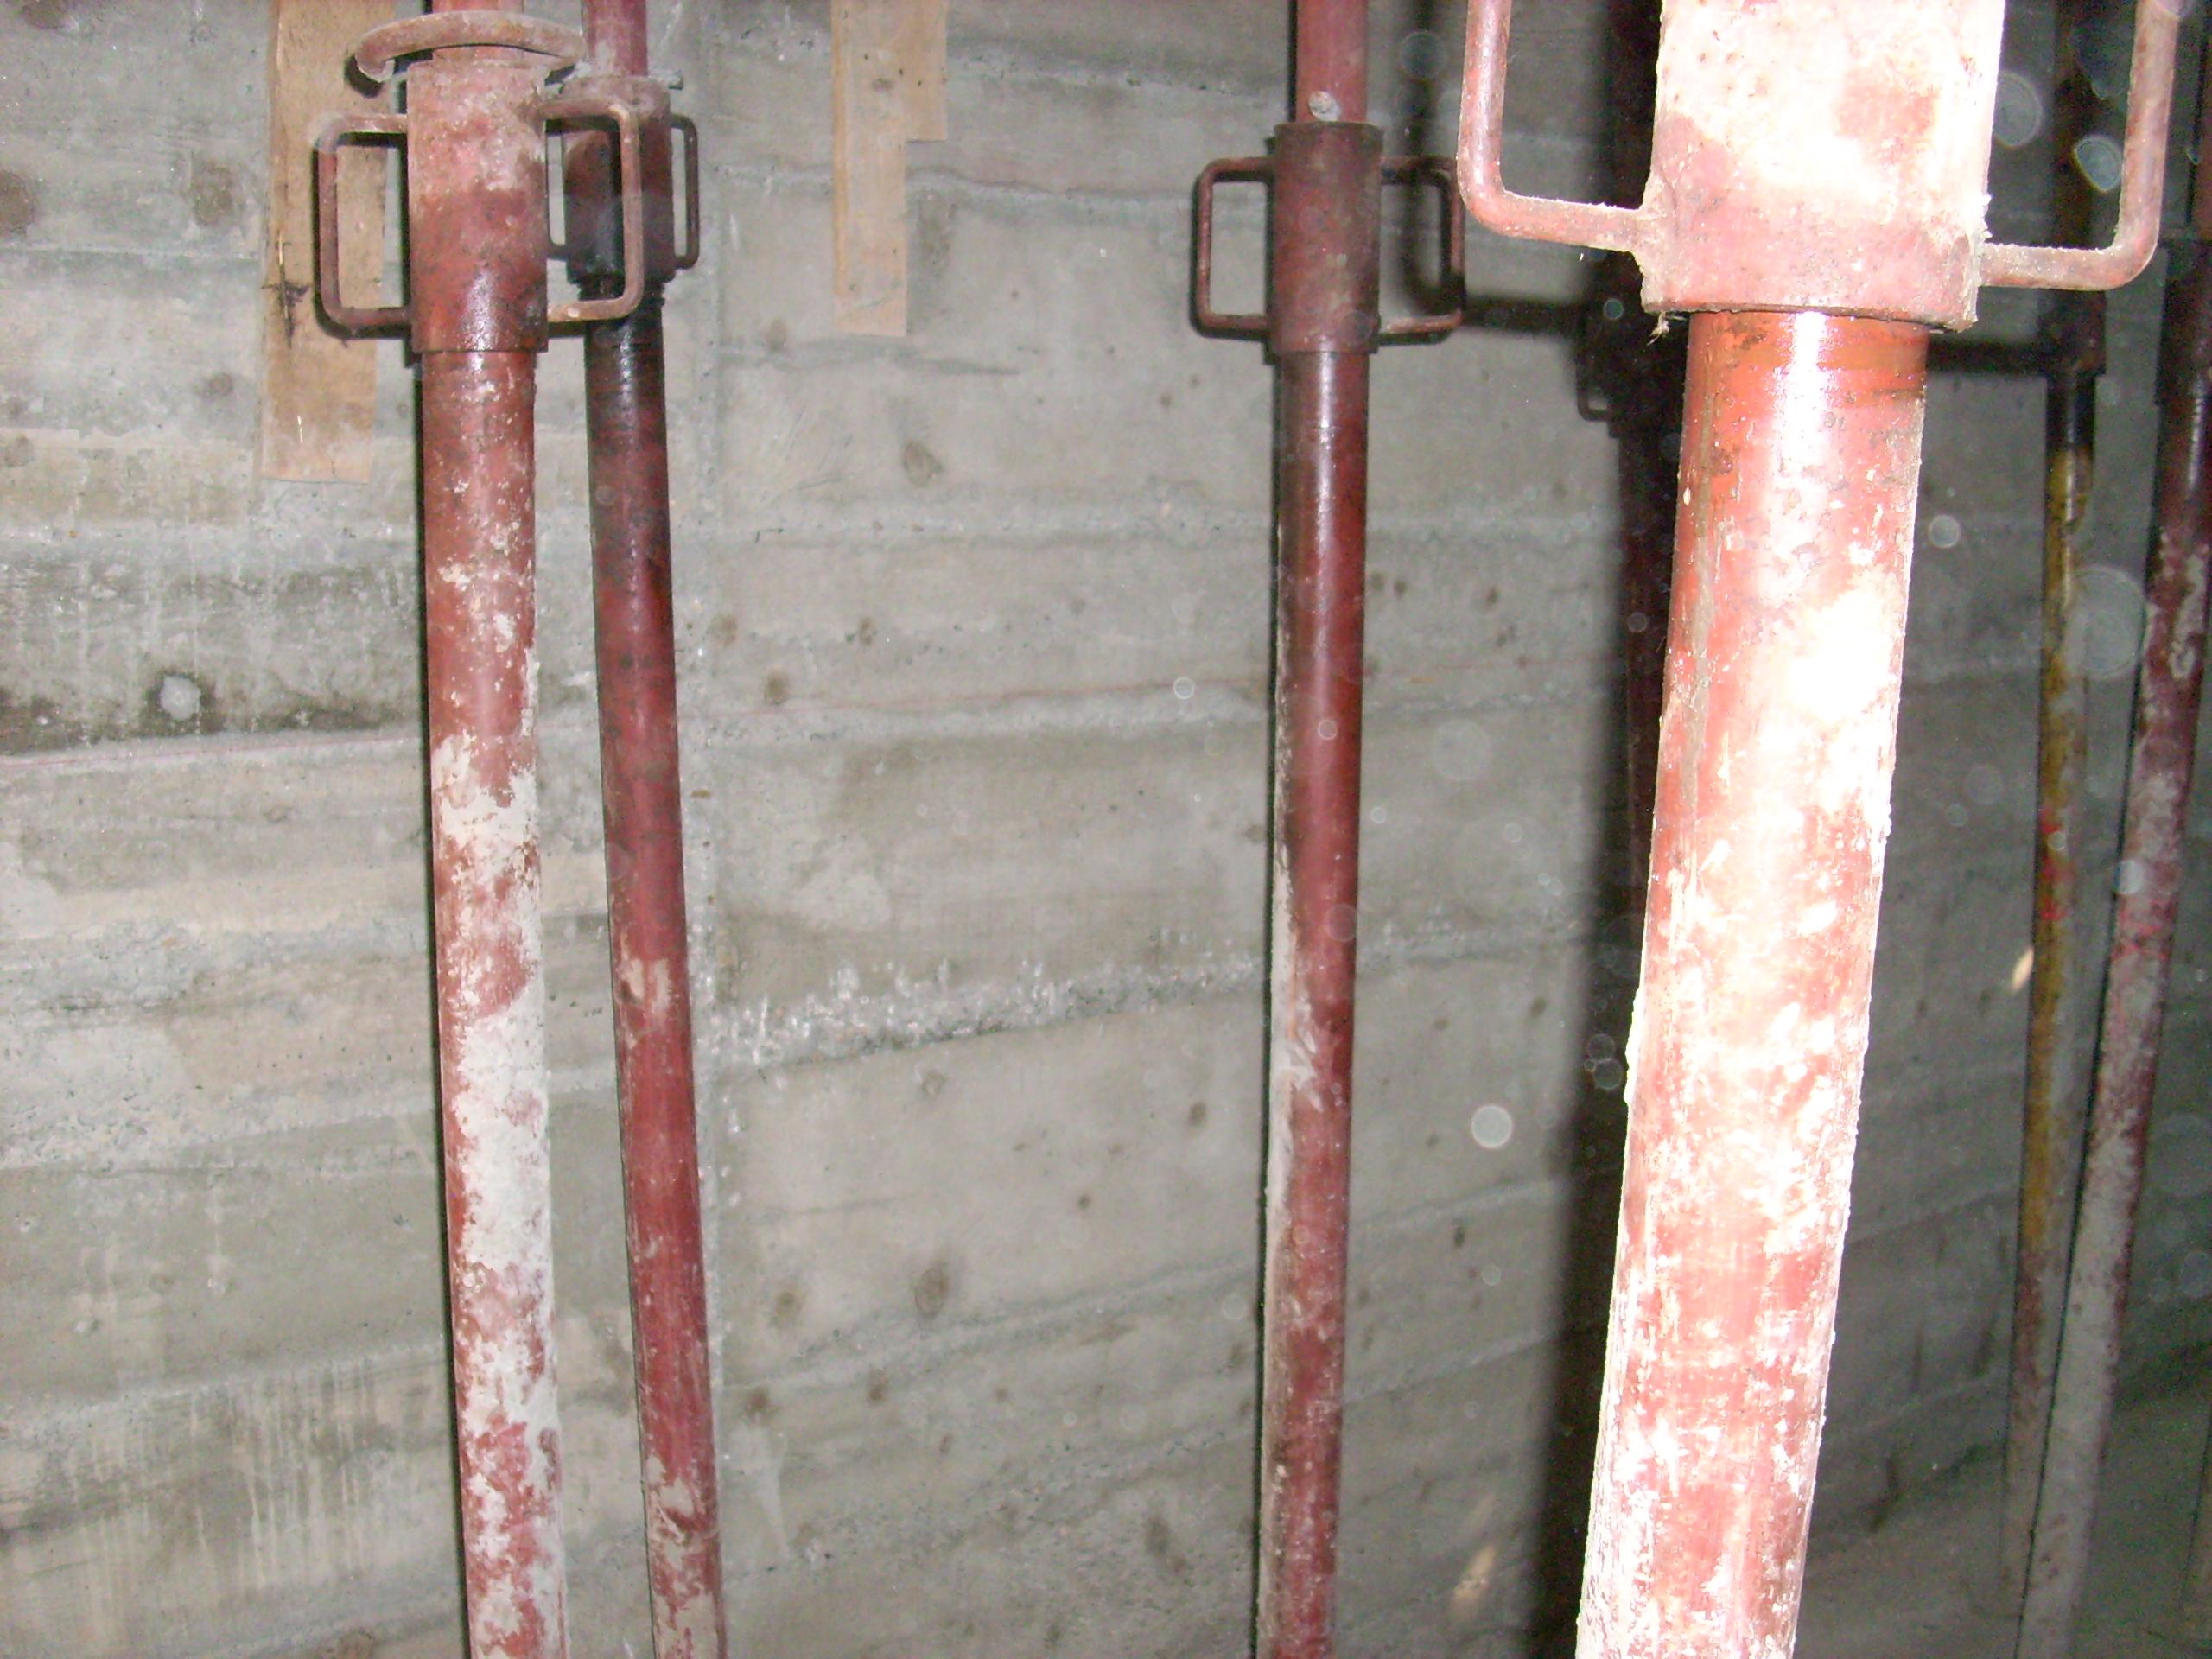 Aditiv in beton - Vila persoana privata - Bucuresti Sector 4 UNICO PROFIT - Poza 1